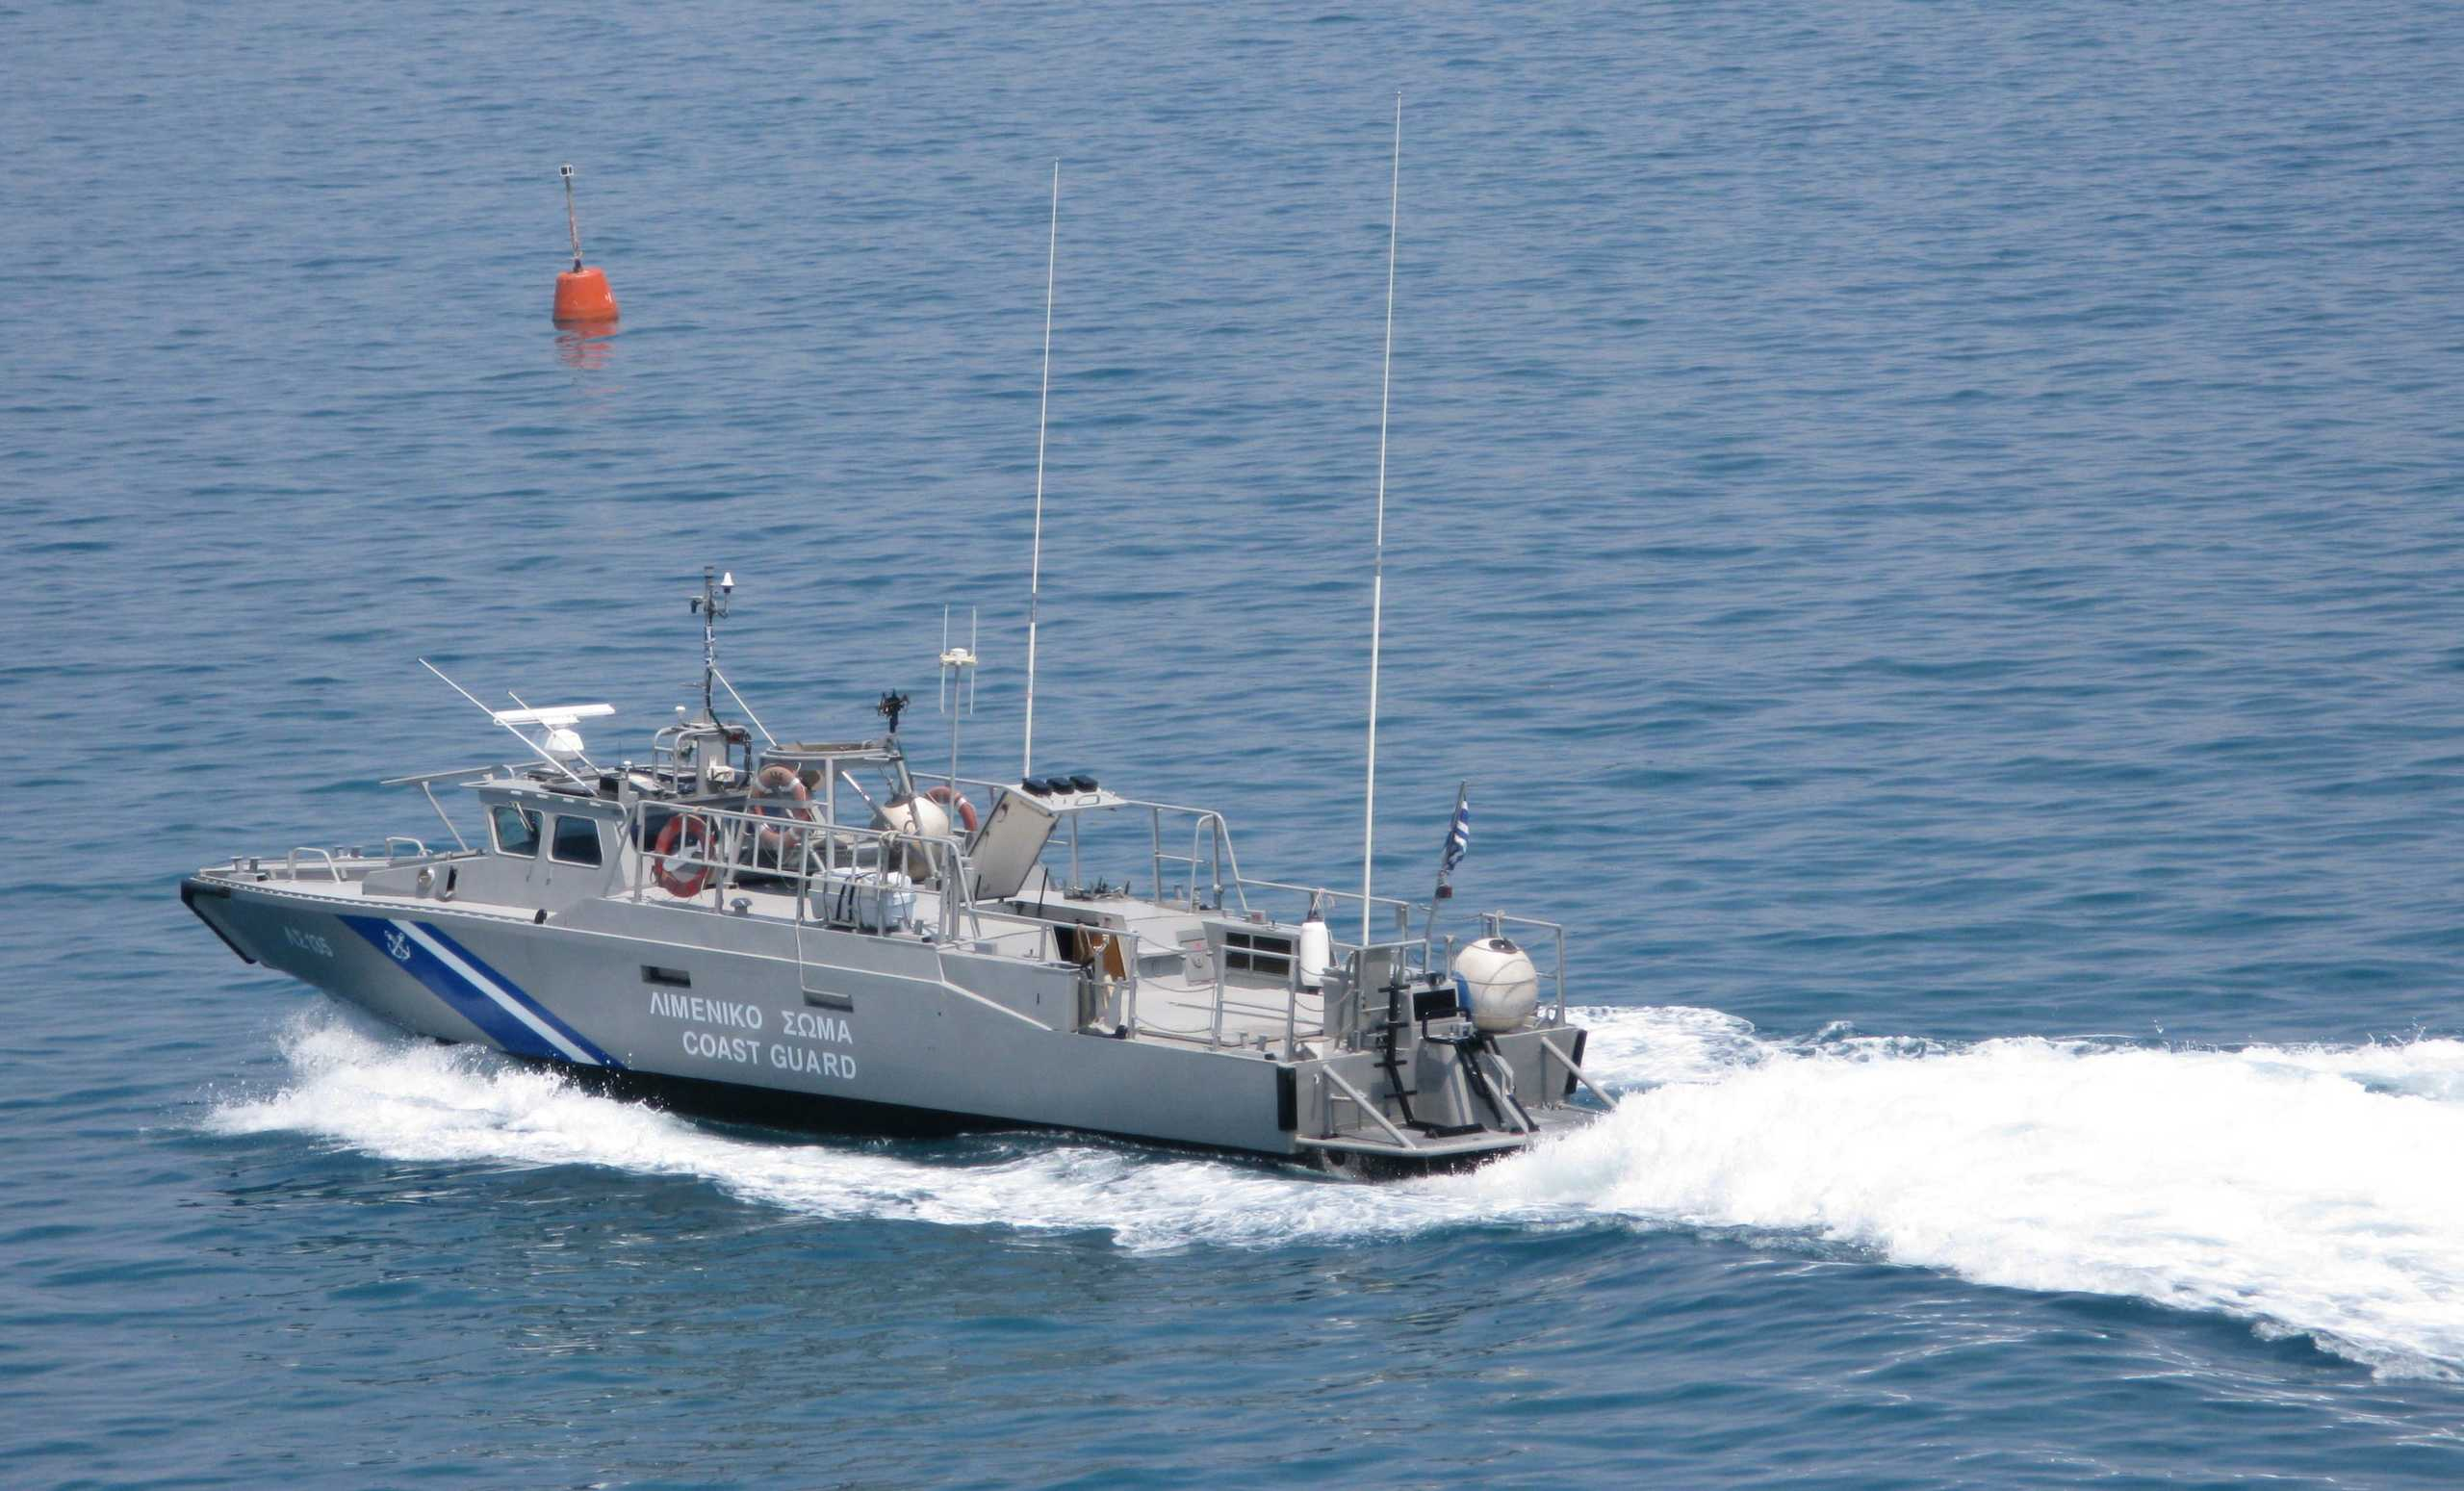 Λευκάδα: Βρέθηκε το σκάφος που νοικιάστηκε στην Κεφαλονιά και εξαφανίστηκε! Θρίλερ με τους επιβαίνοντες